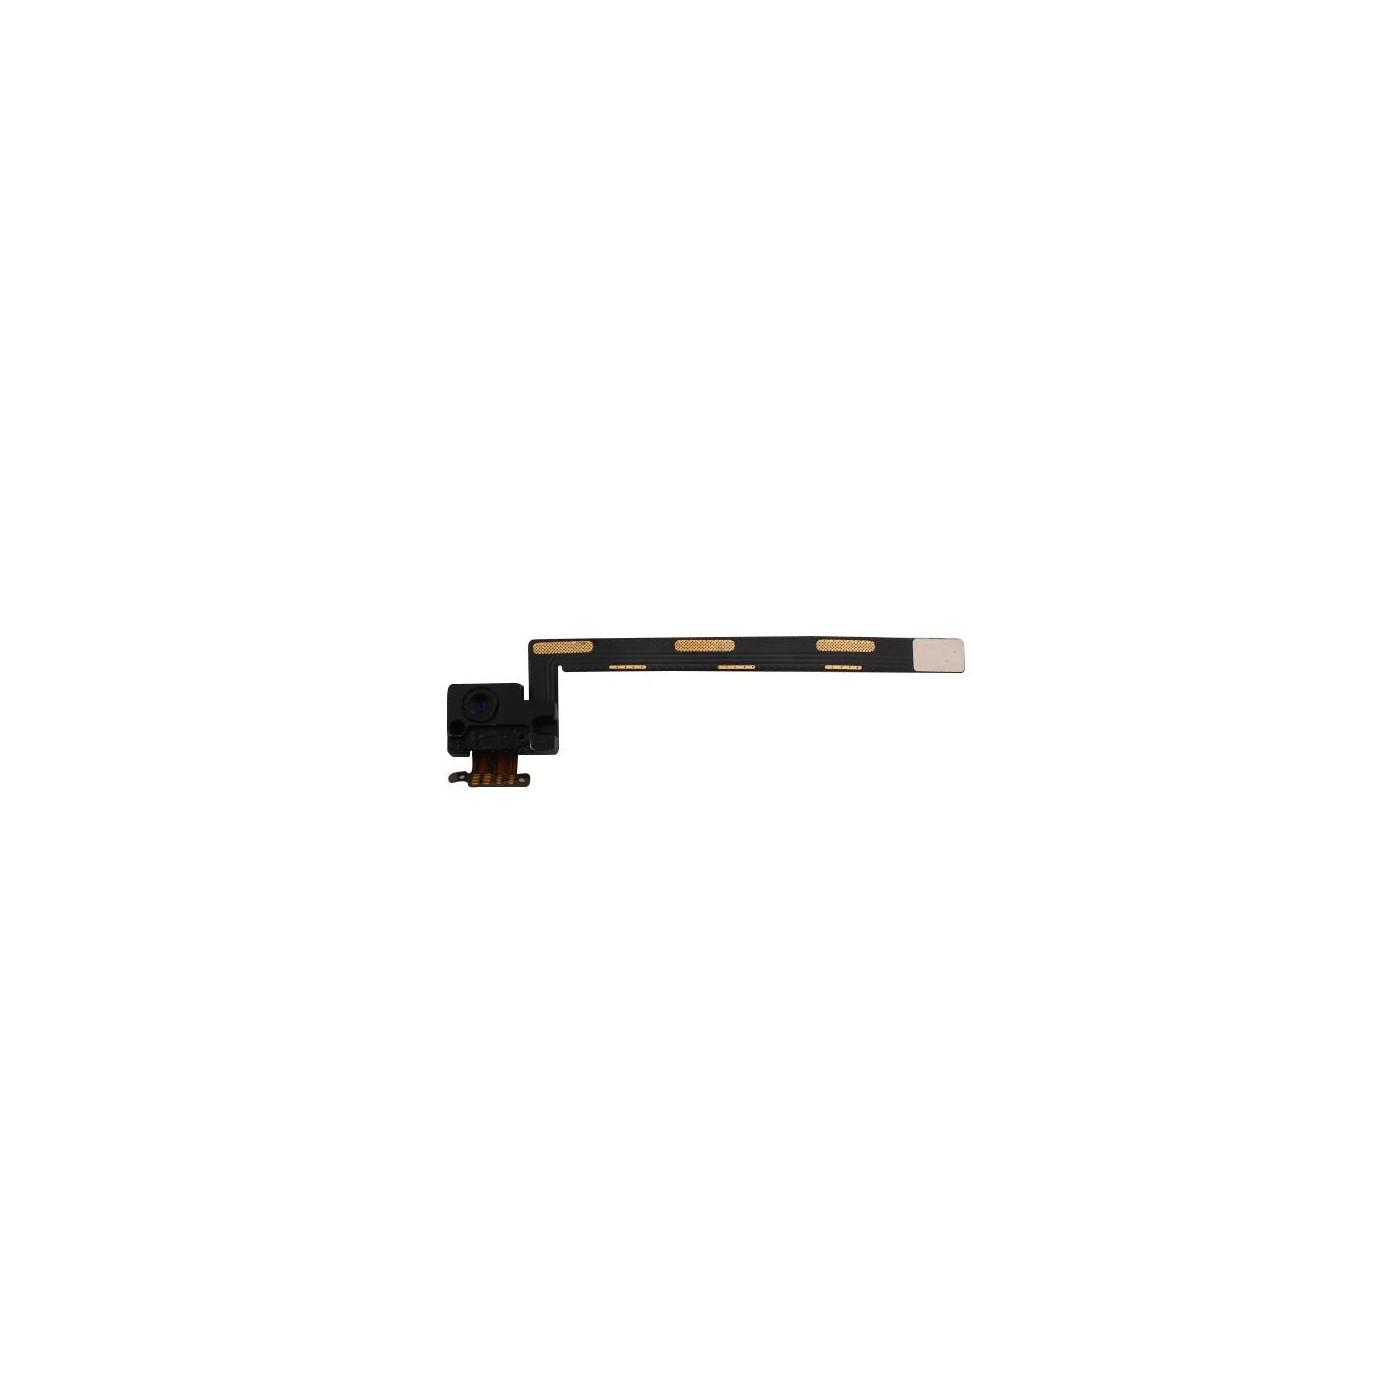 Fotocamera anteriore frontale per apple ipad 2 davanti ricambio